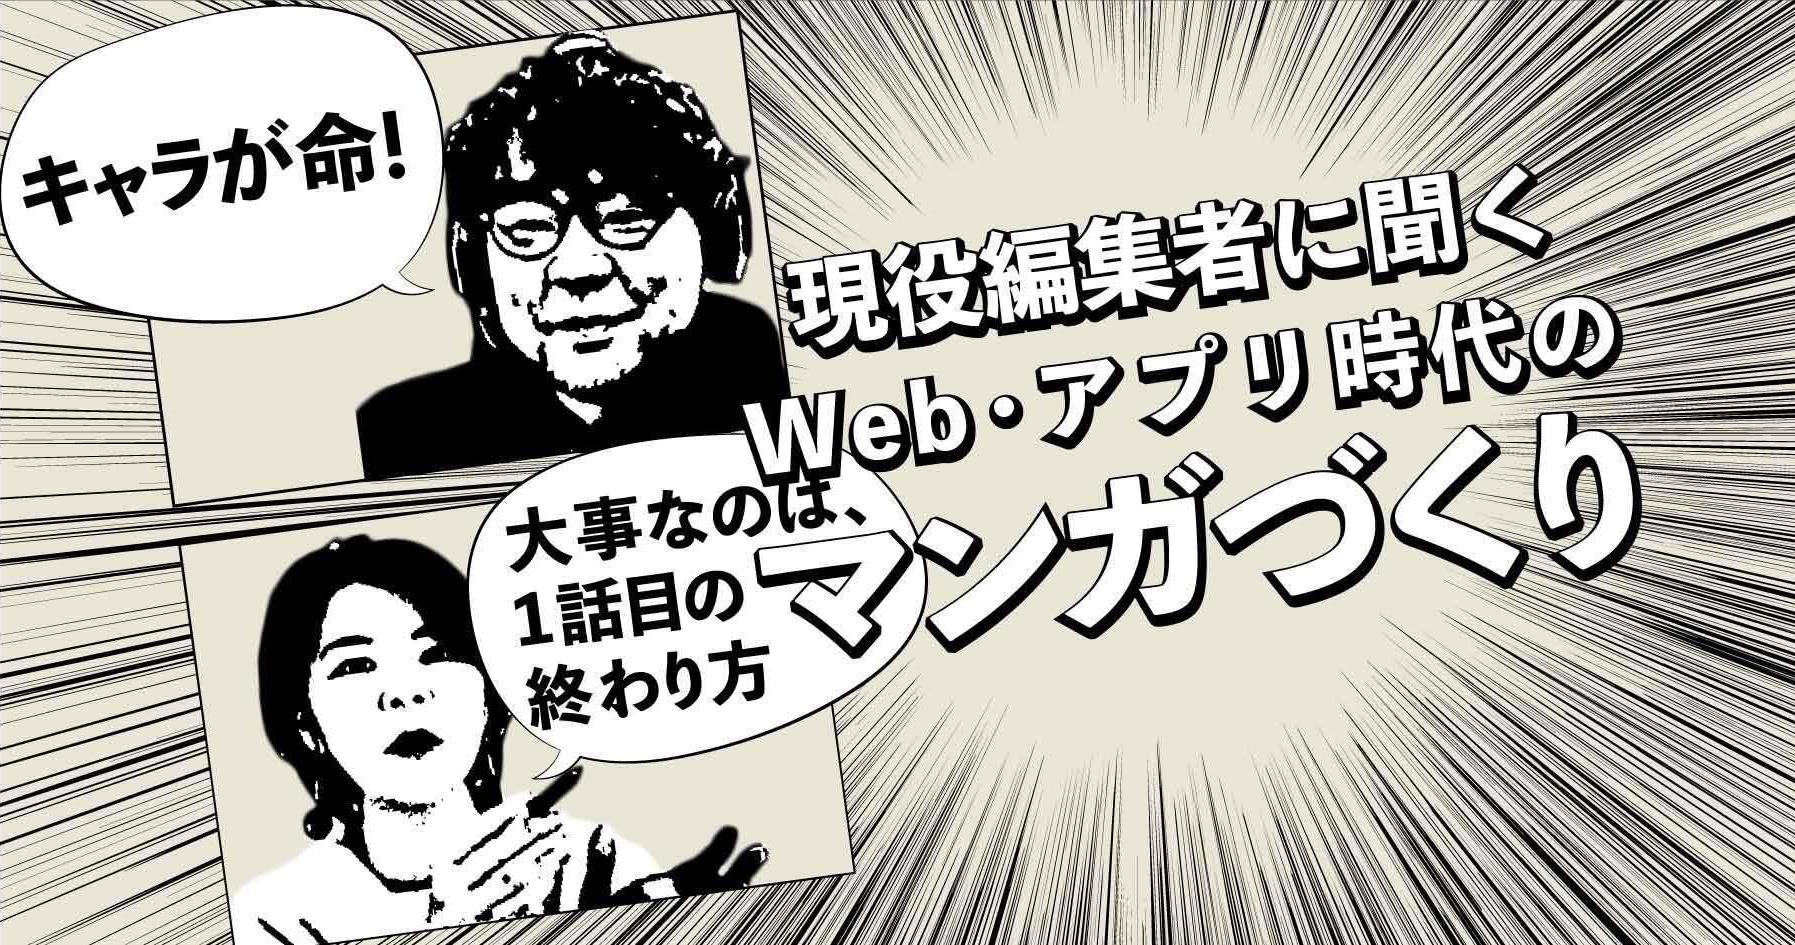 マンガノ豊田さん北室さん飯田さん対談メインカット